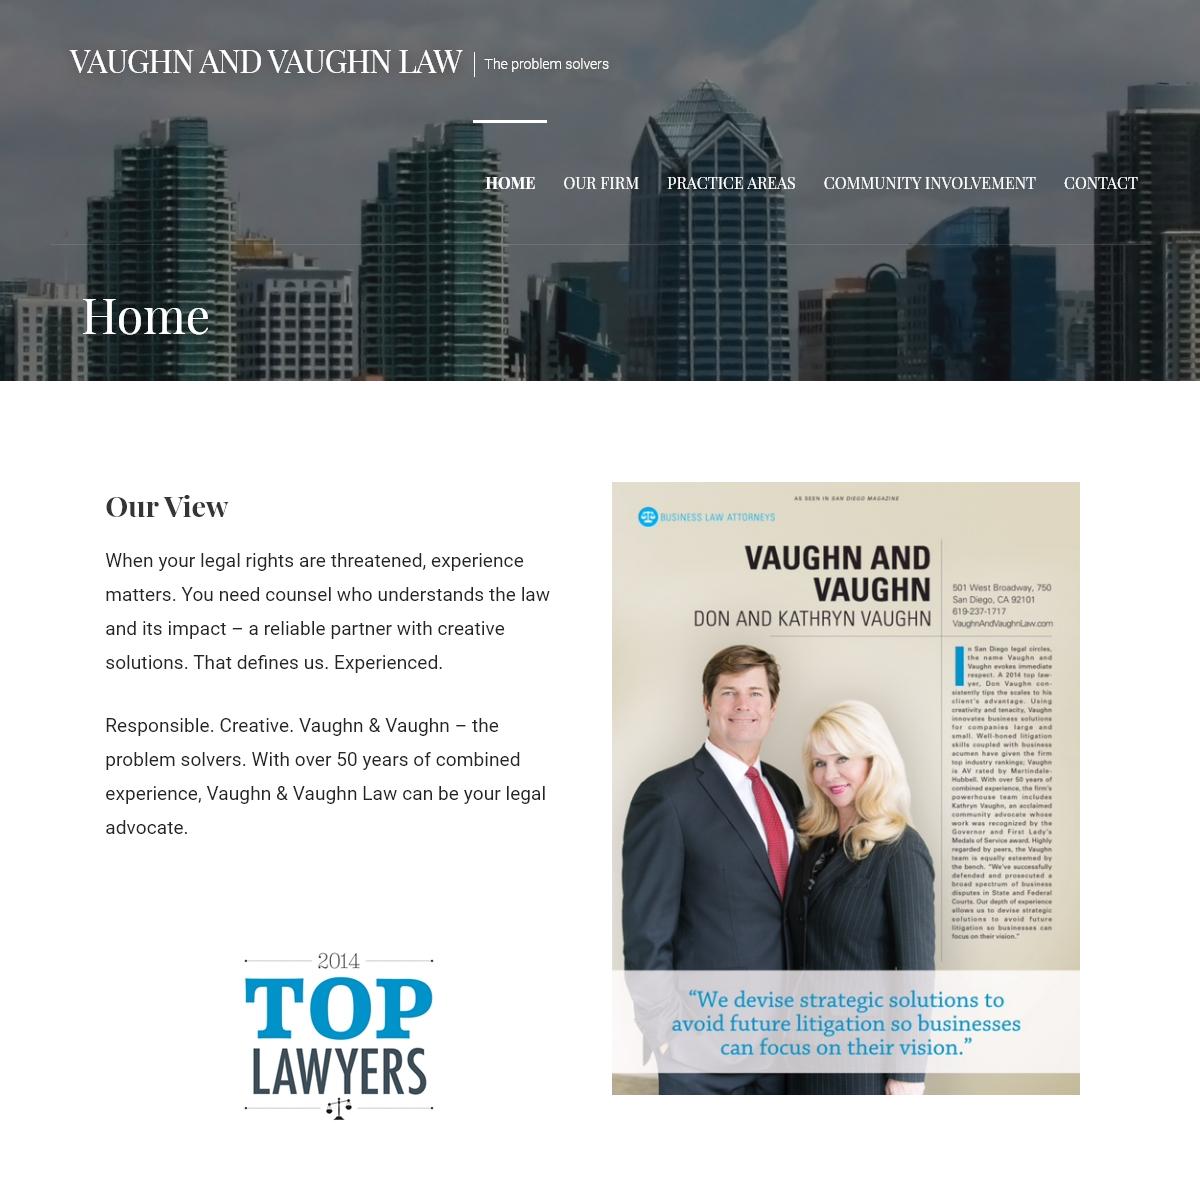 Vaughn and Vaughn Law